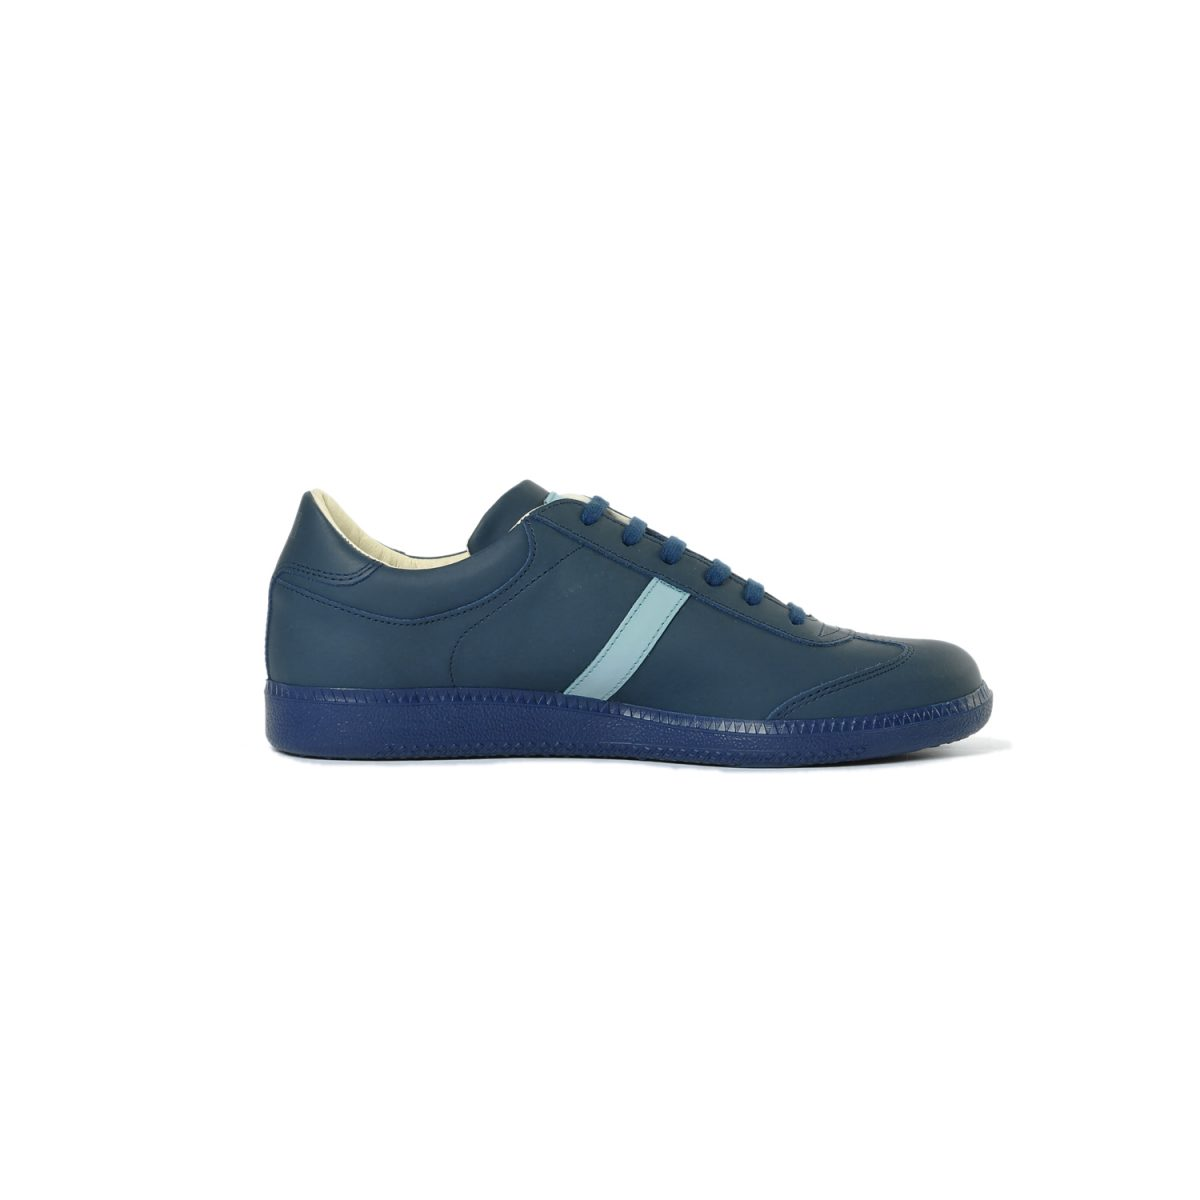 Tisza cipő - Compakt - Óceán